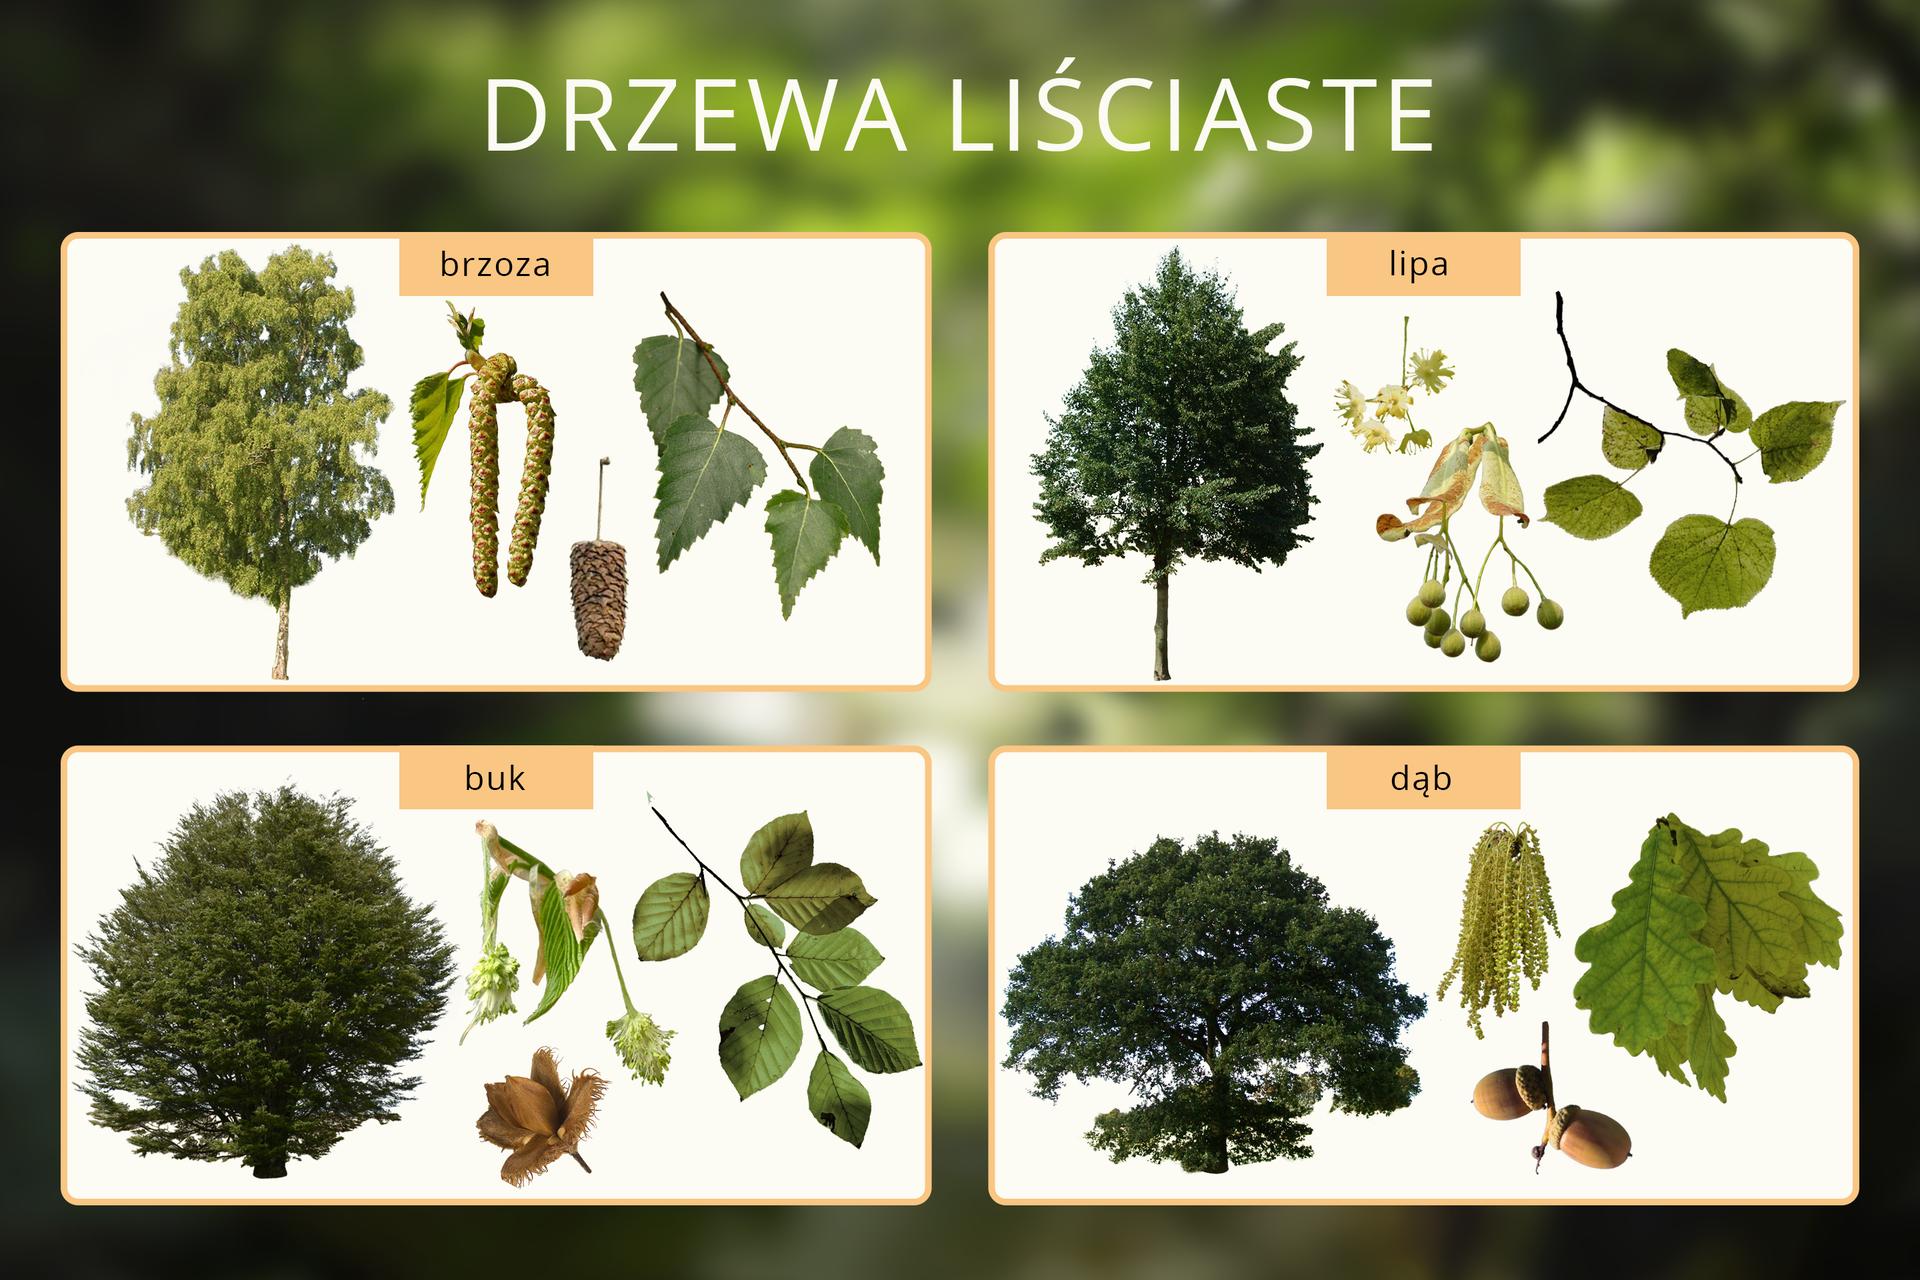 Schemat przedstawiający budowę wybranych pospolitych gatunków drzew liścianych, po prawej stronie schematycznej budowy każdego zdrzew znajduje się powiększenie budowy liści, kwiatów iowoców.